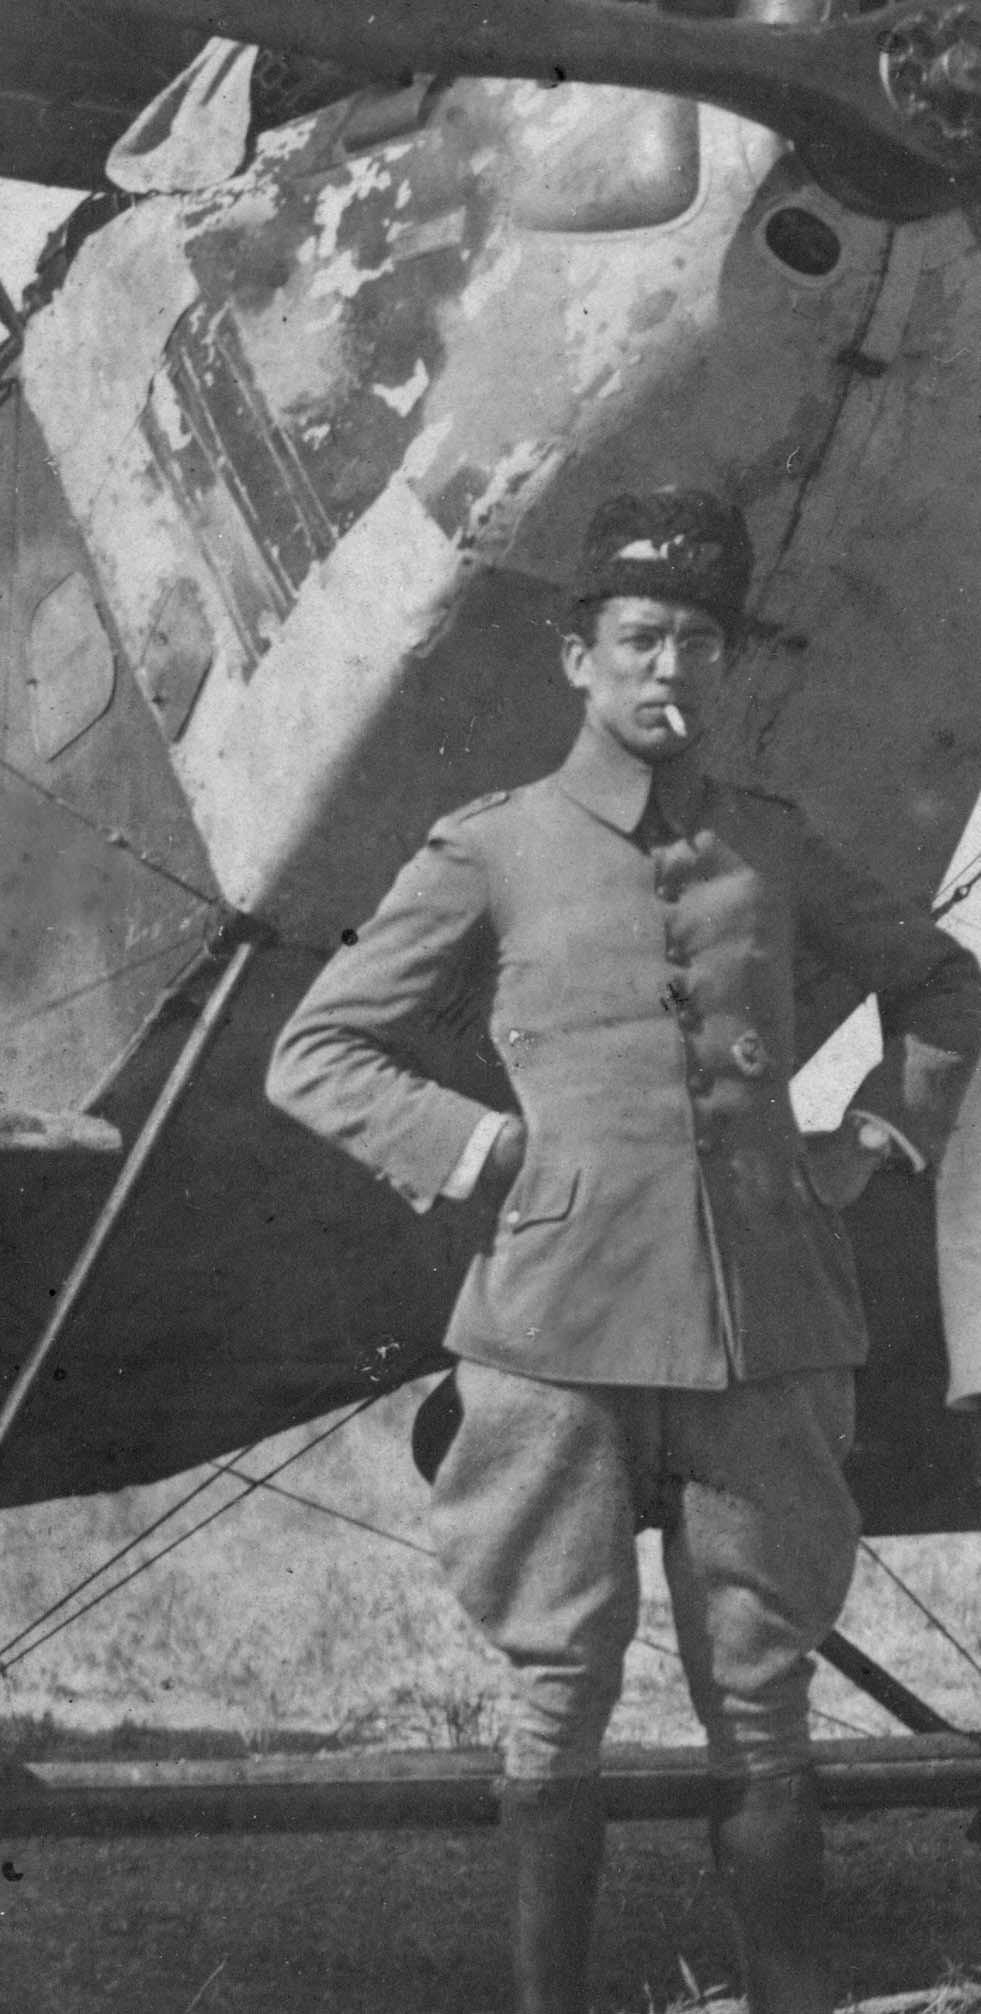 1915 :ibrahim orhan gelibolu'da osmanlı imparatorluğunun ilk itdalaşını kazandığında